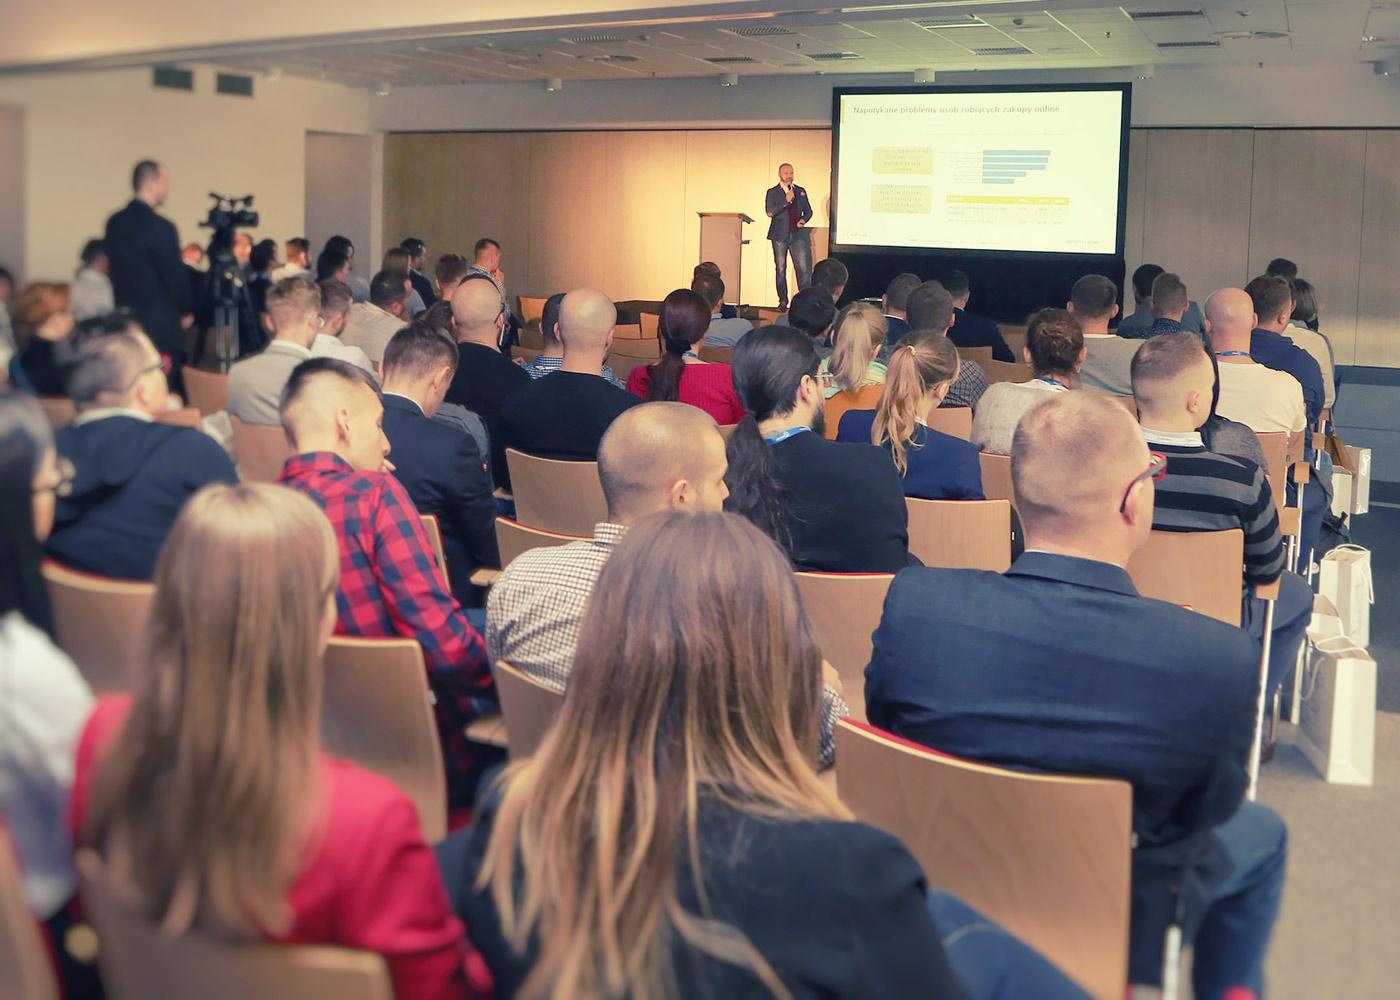 Konferencja eDelivery - subiektywne podsumowanie organizatora